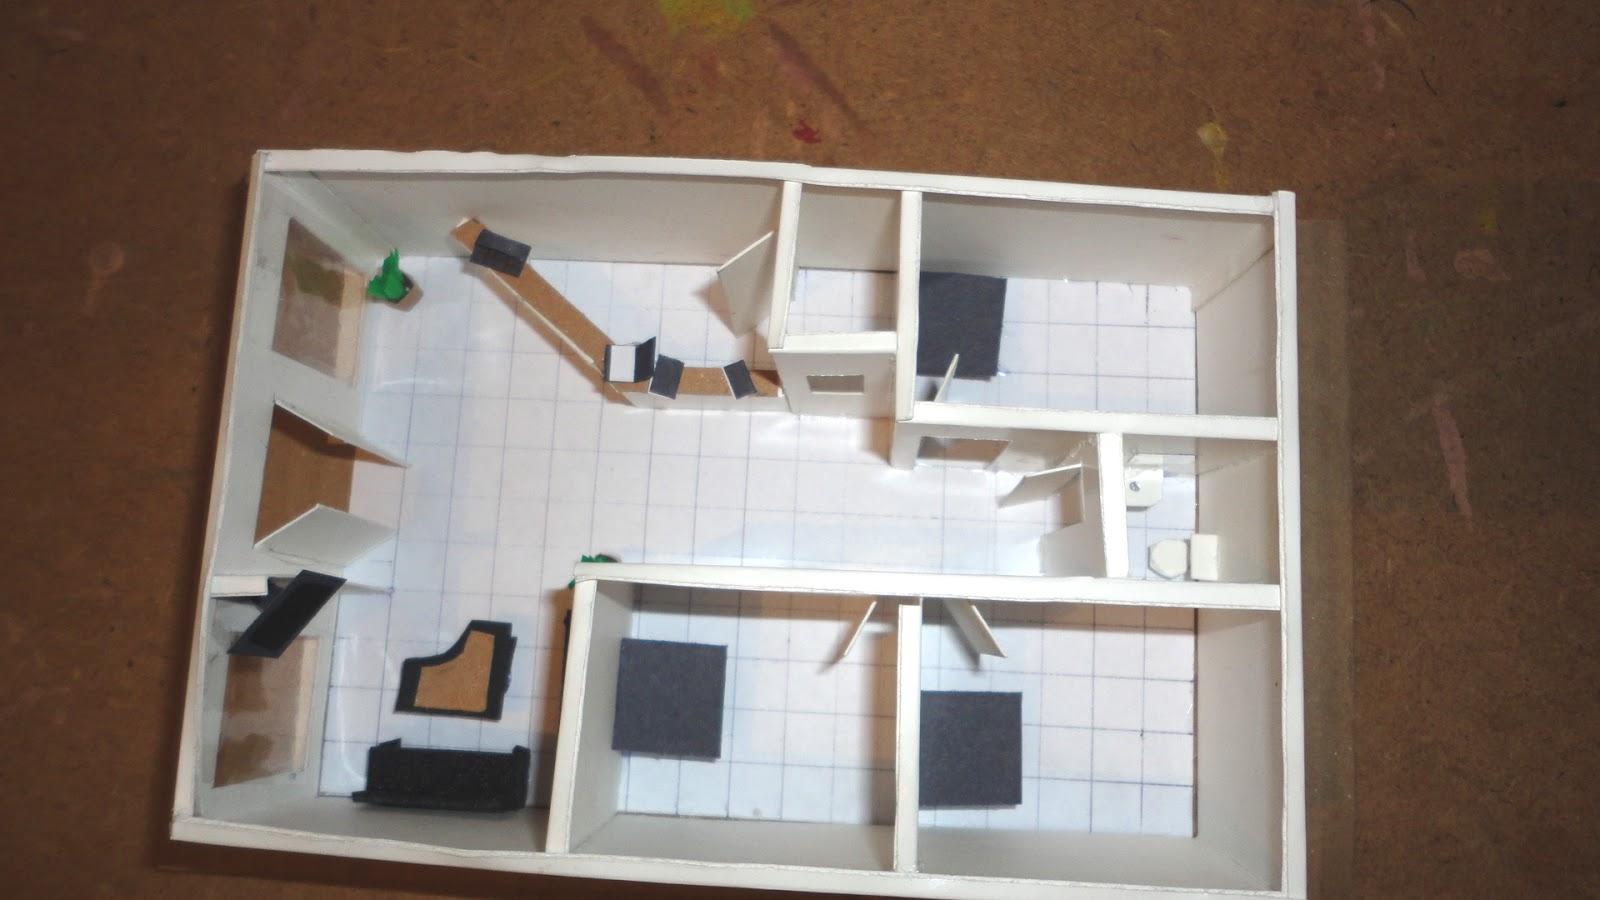 Maquetas dibujos y dise os maquetas inmuebles for Como construir una oficina